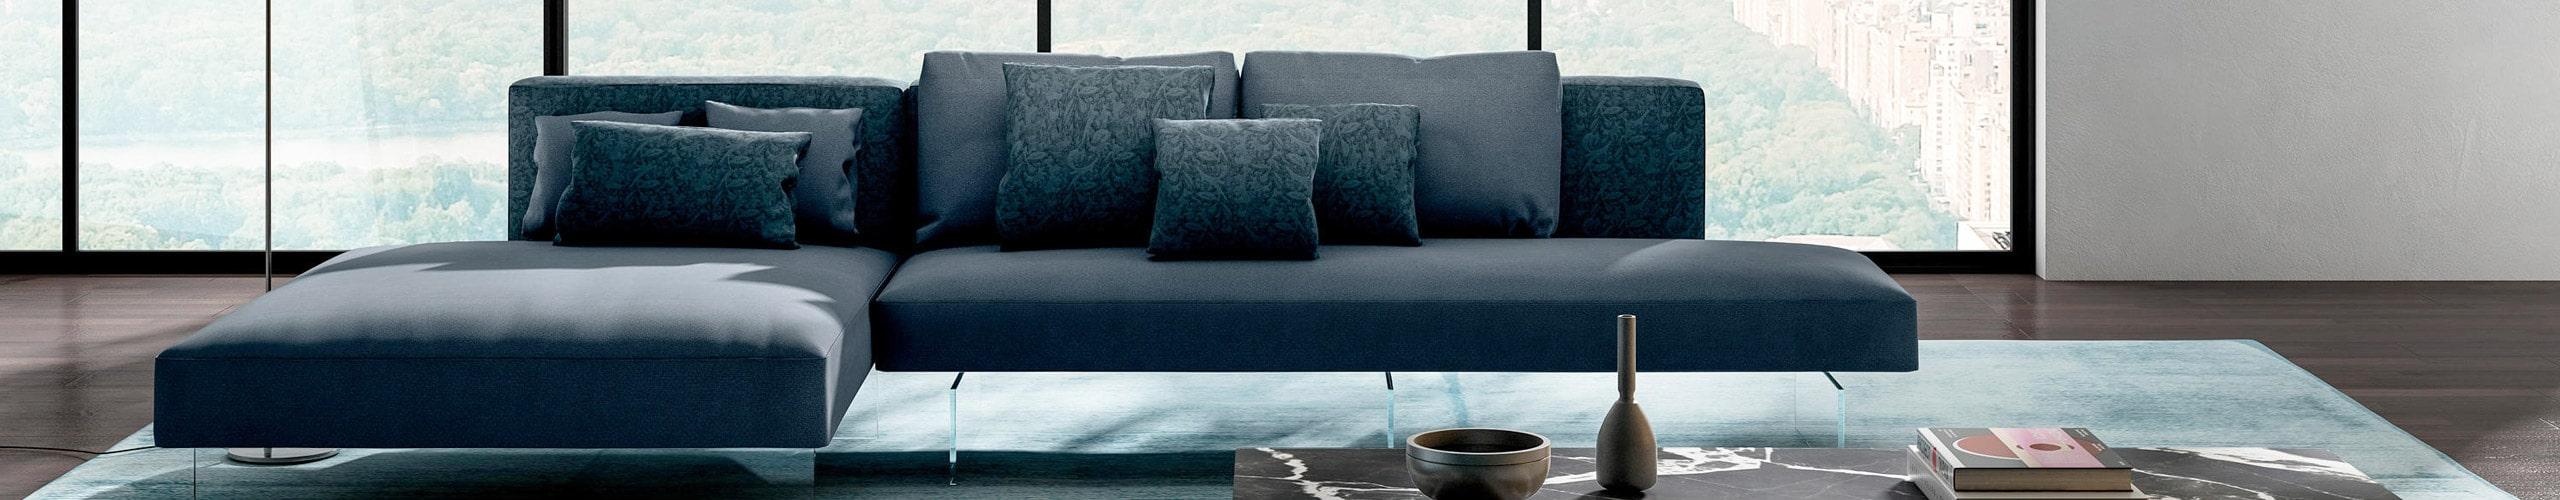 divani-lusso-interior-design-lecce-brindisi-taranto